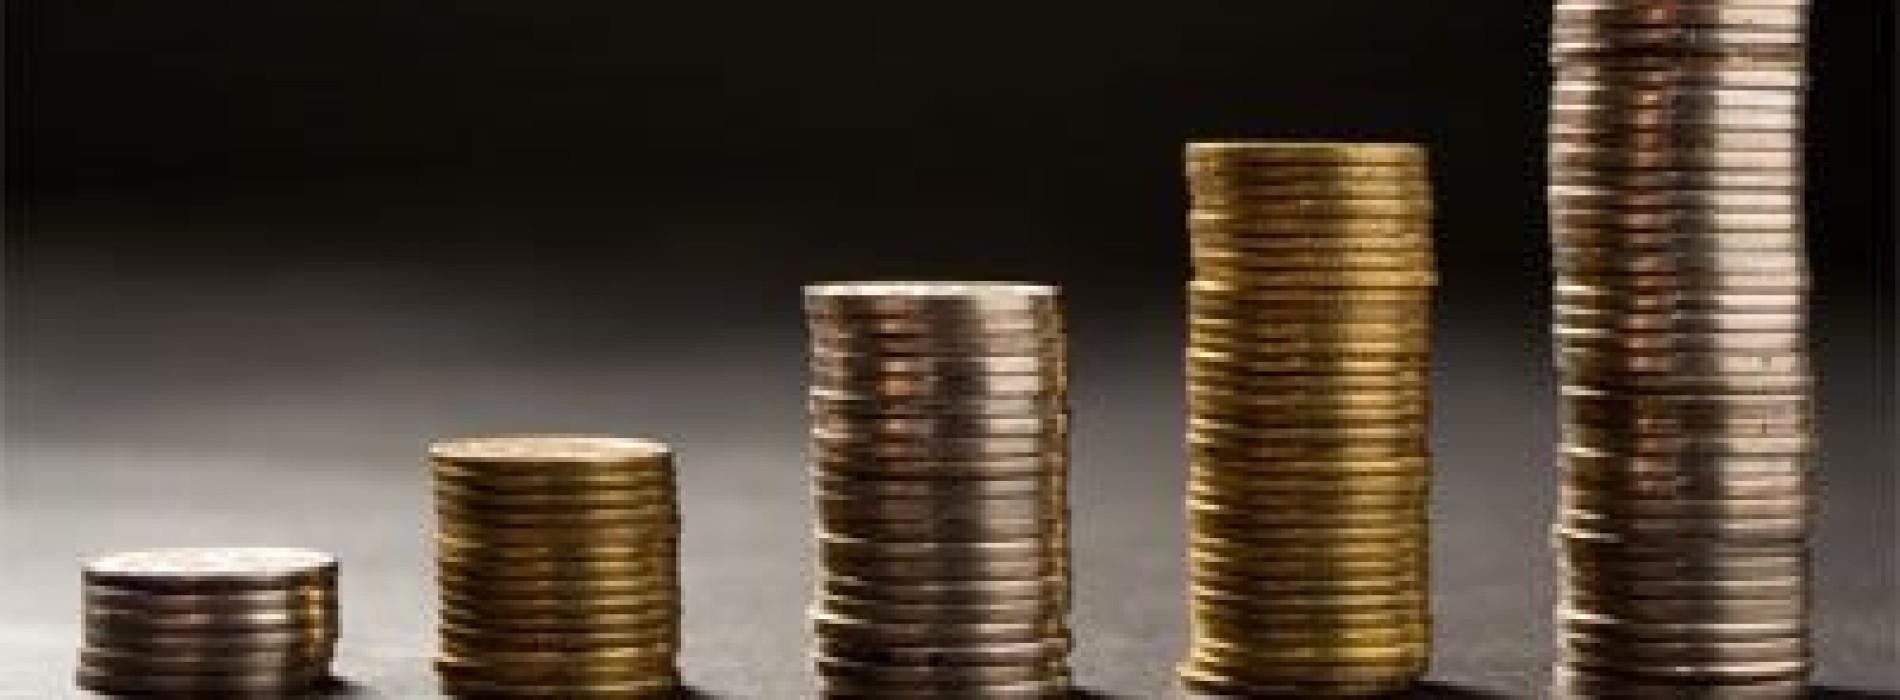 Duży spadek oprocentowania kredytów i lokat